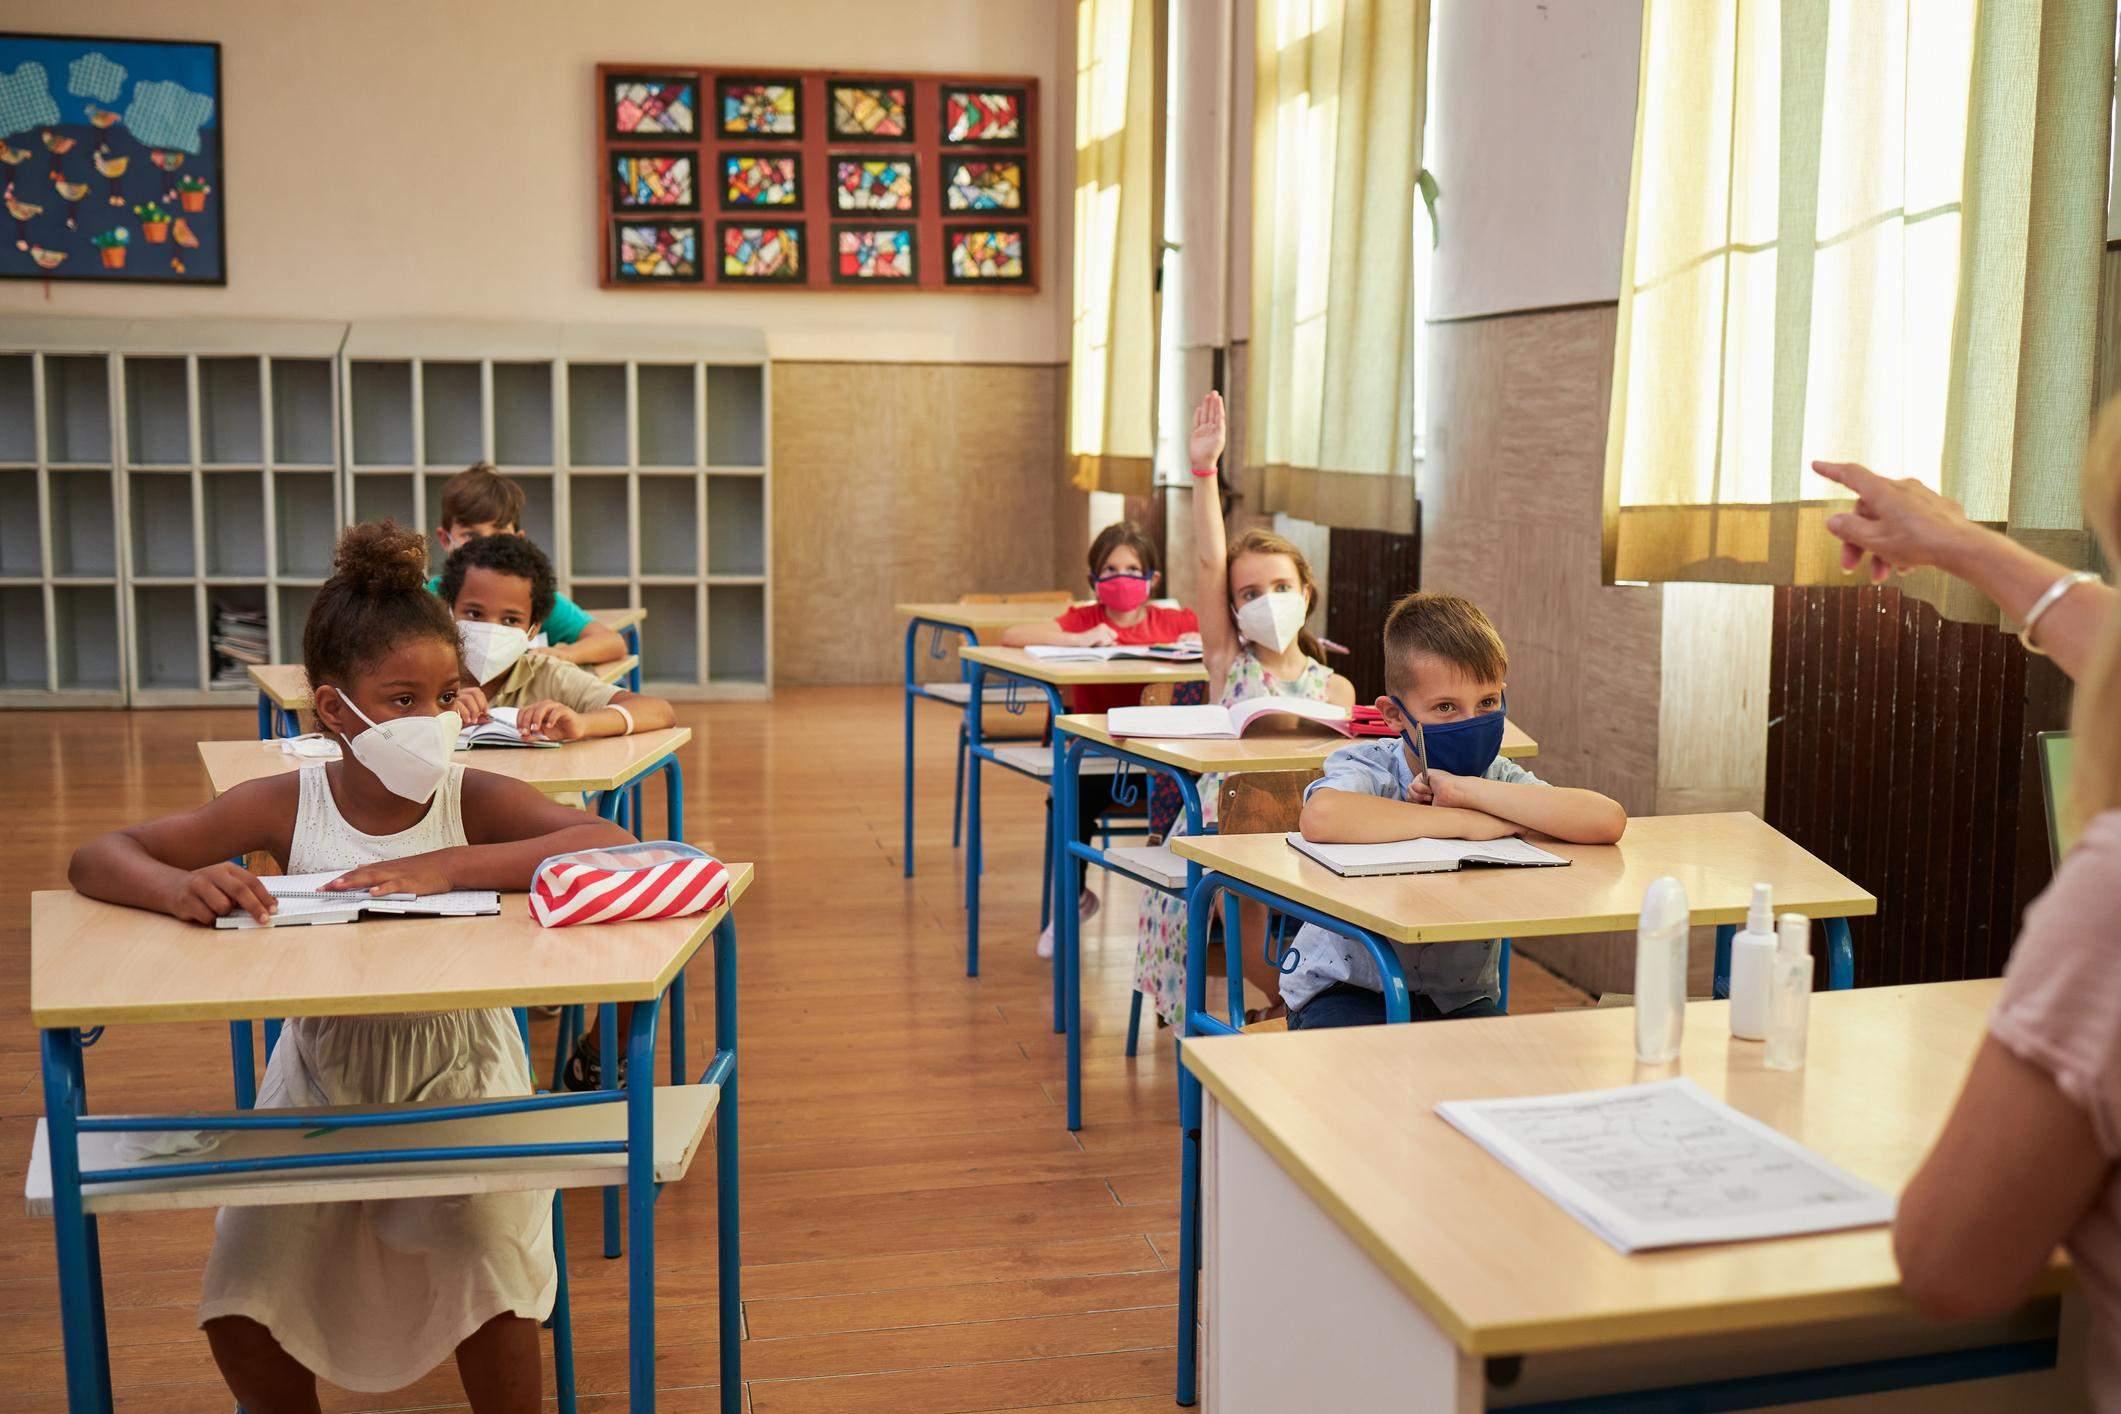 Діти більше ризикують заразитися COVID-19 вдома, ніж в школі